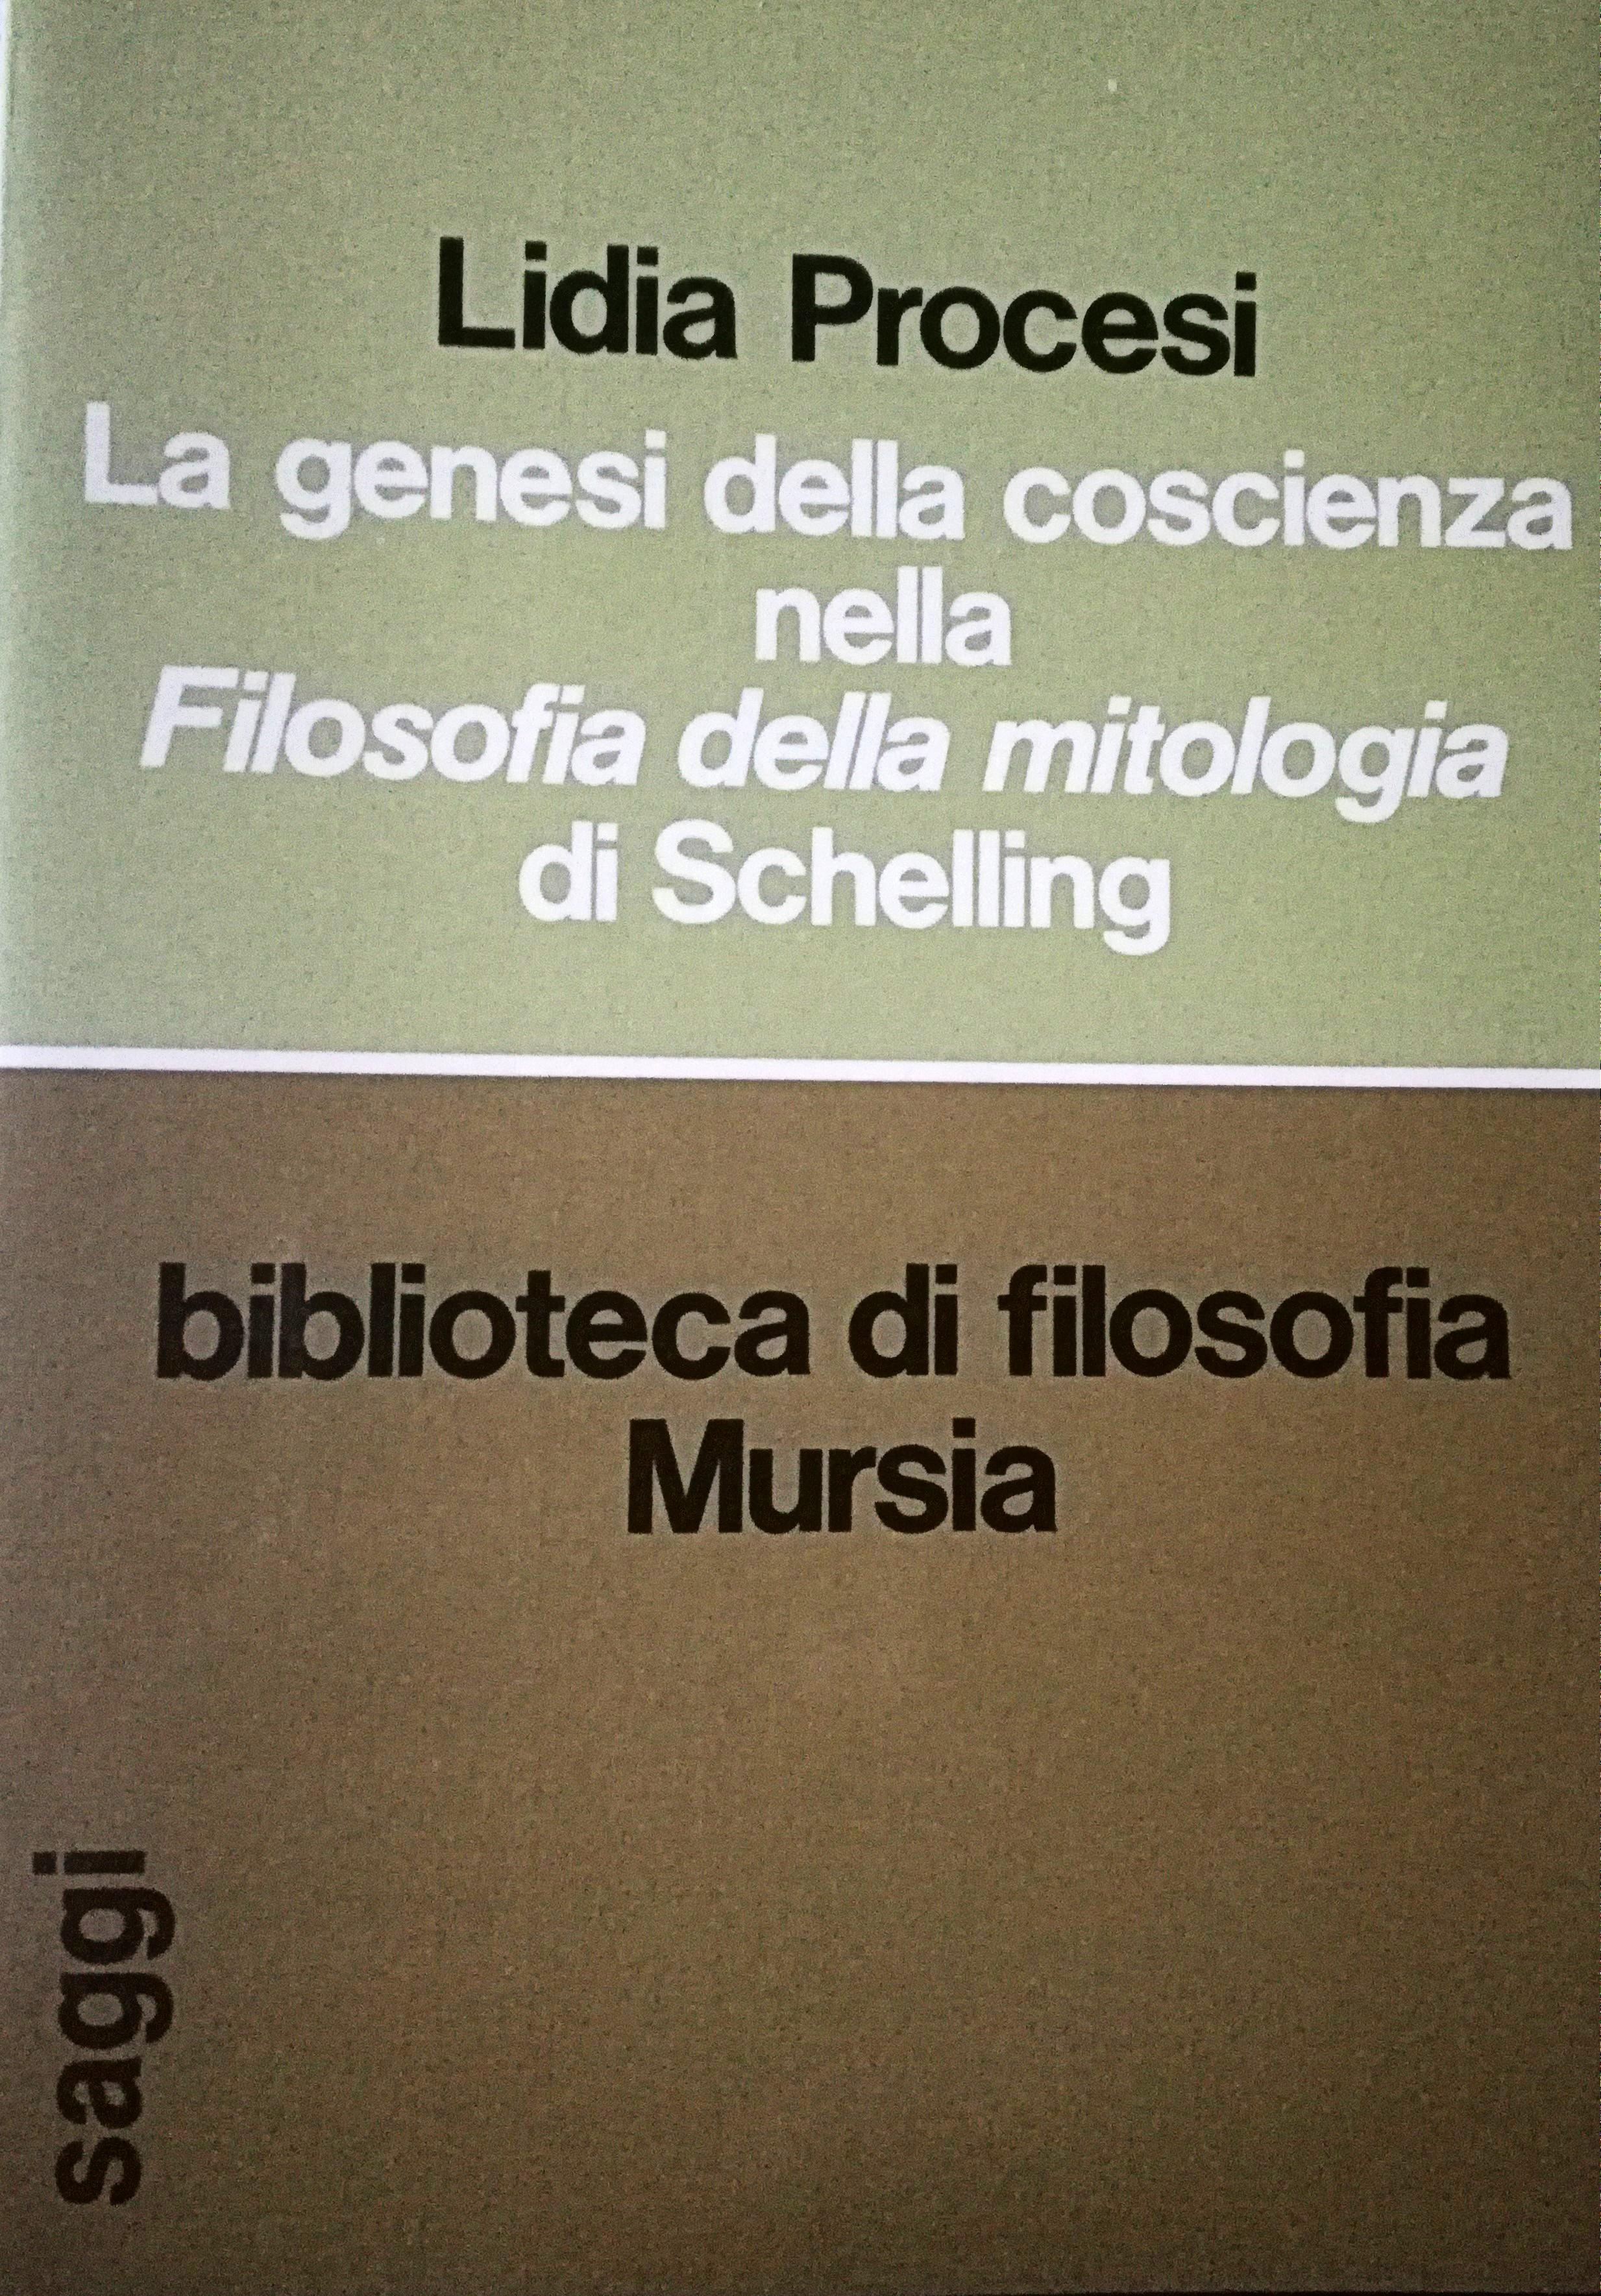 La genesi della coscienza nella Filosofia della mitologia di Schelling